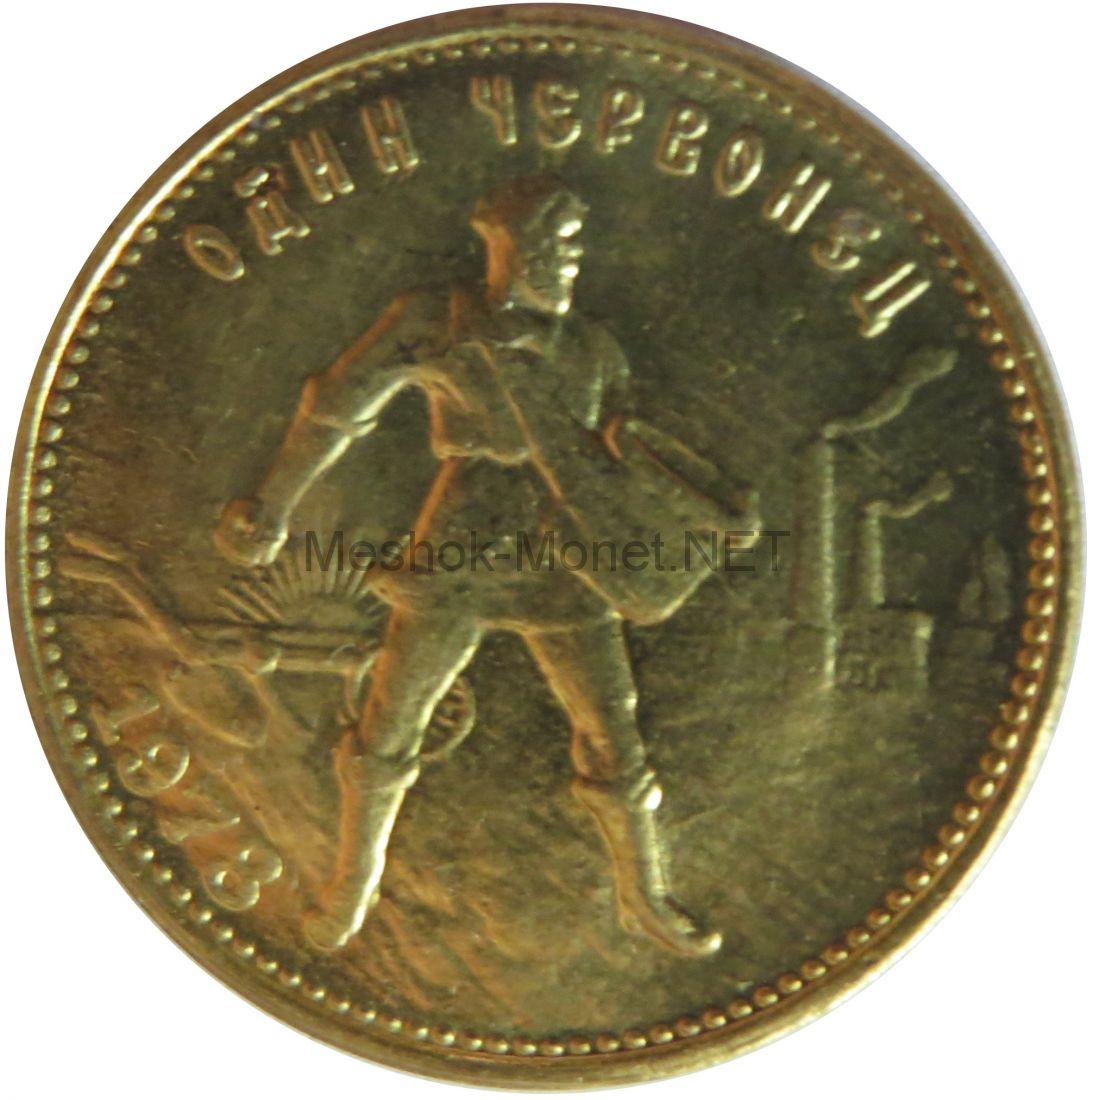 Копия монеты червонец 1978 года Сеятель